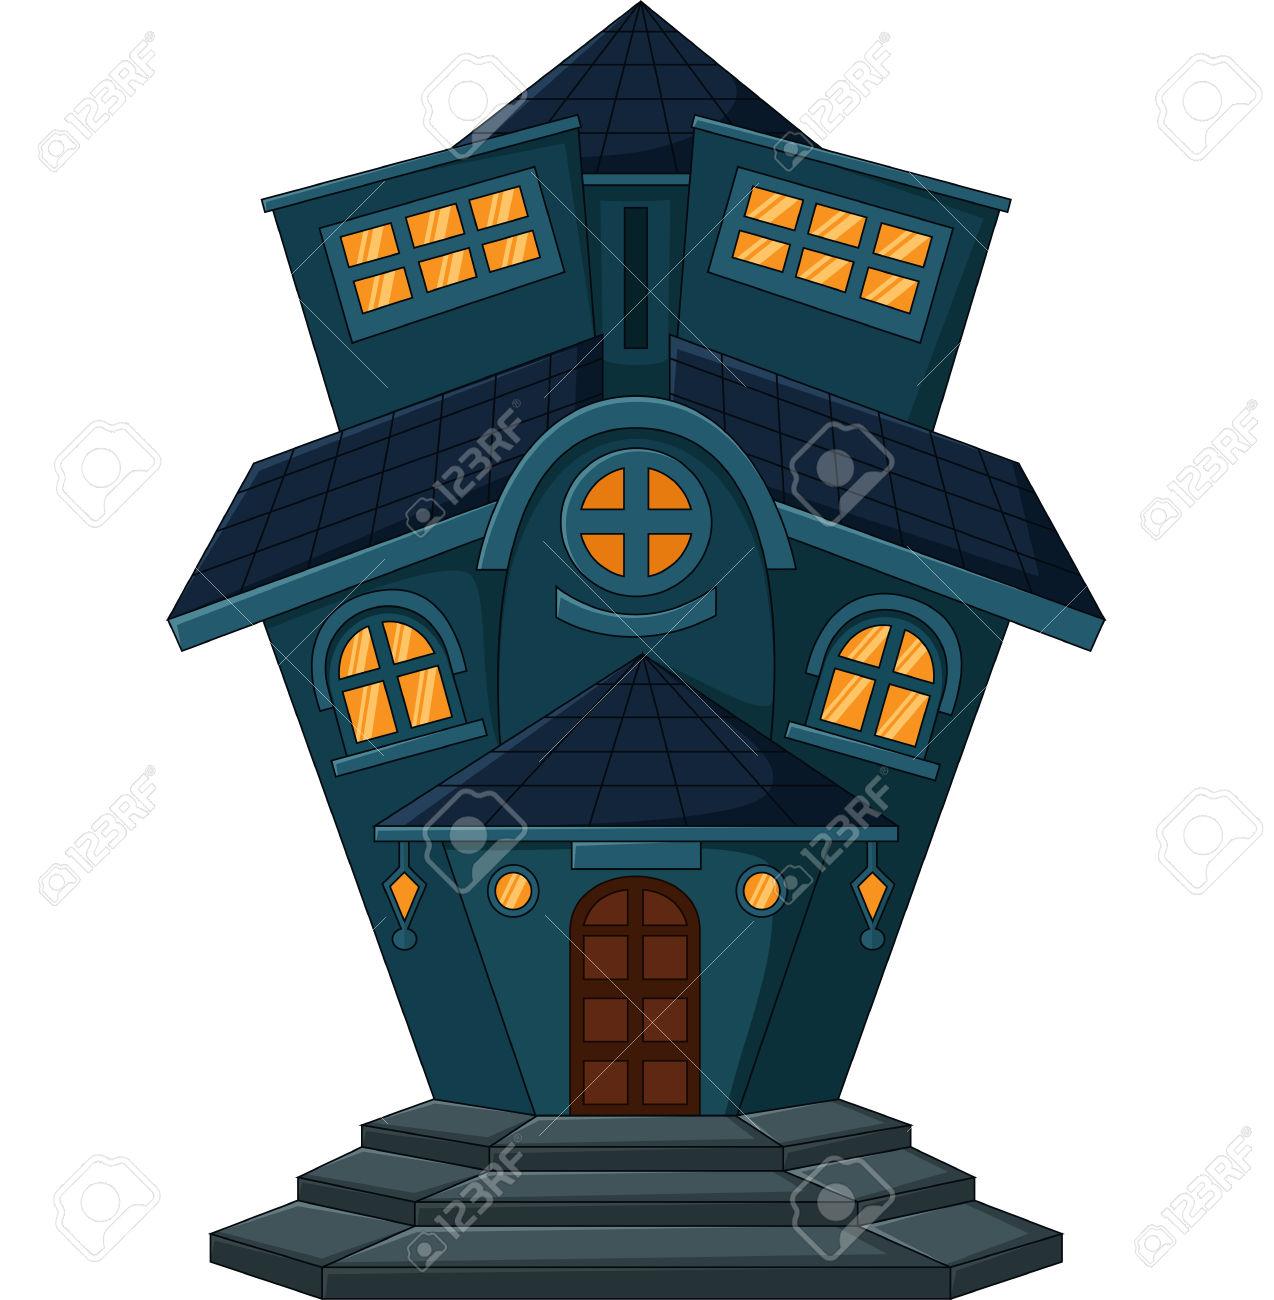 De Dibujos Animados Casa Vieja Ilustraciones Vectoriales, Clip Art.